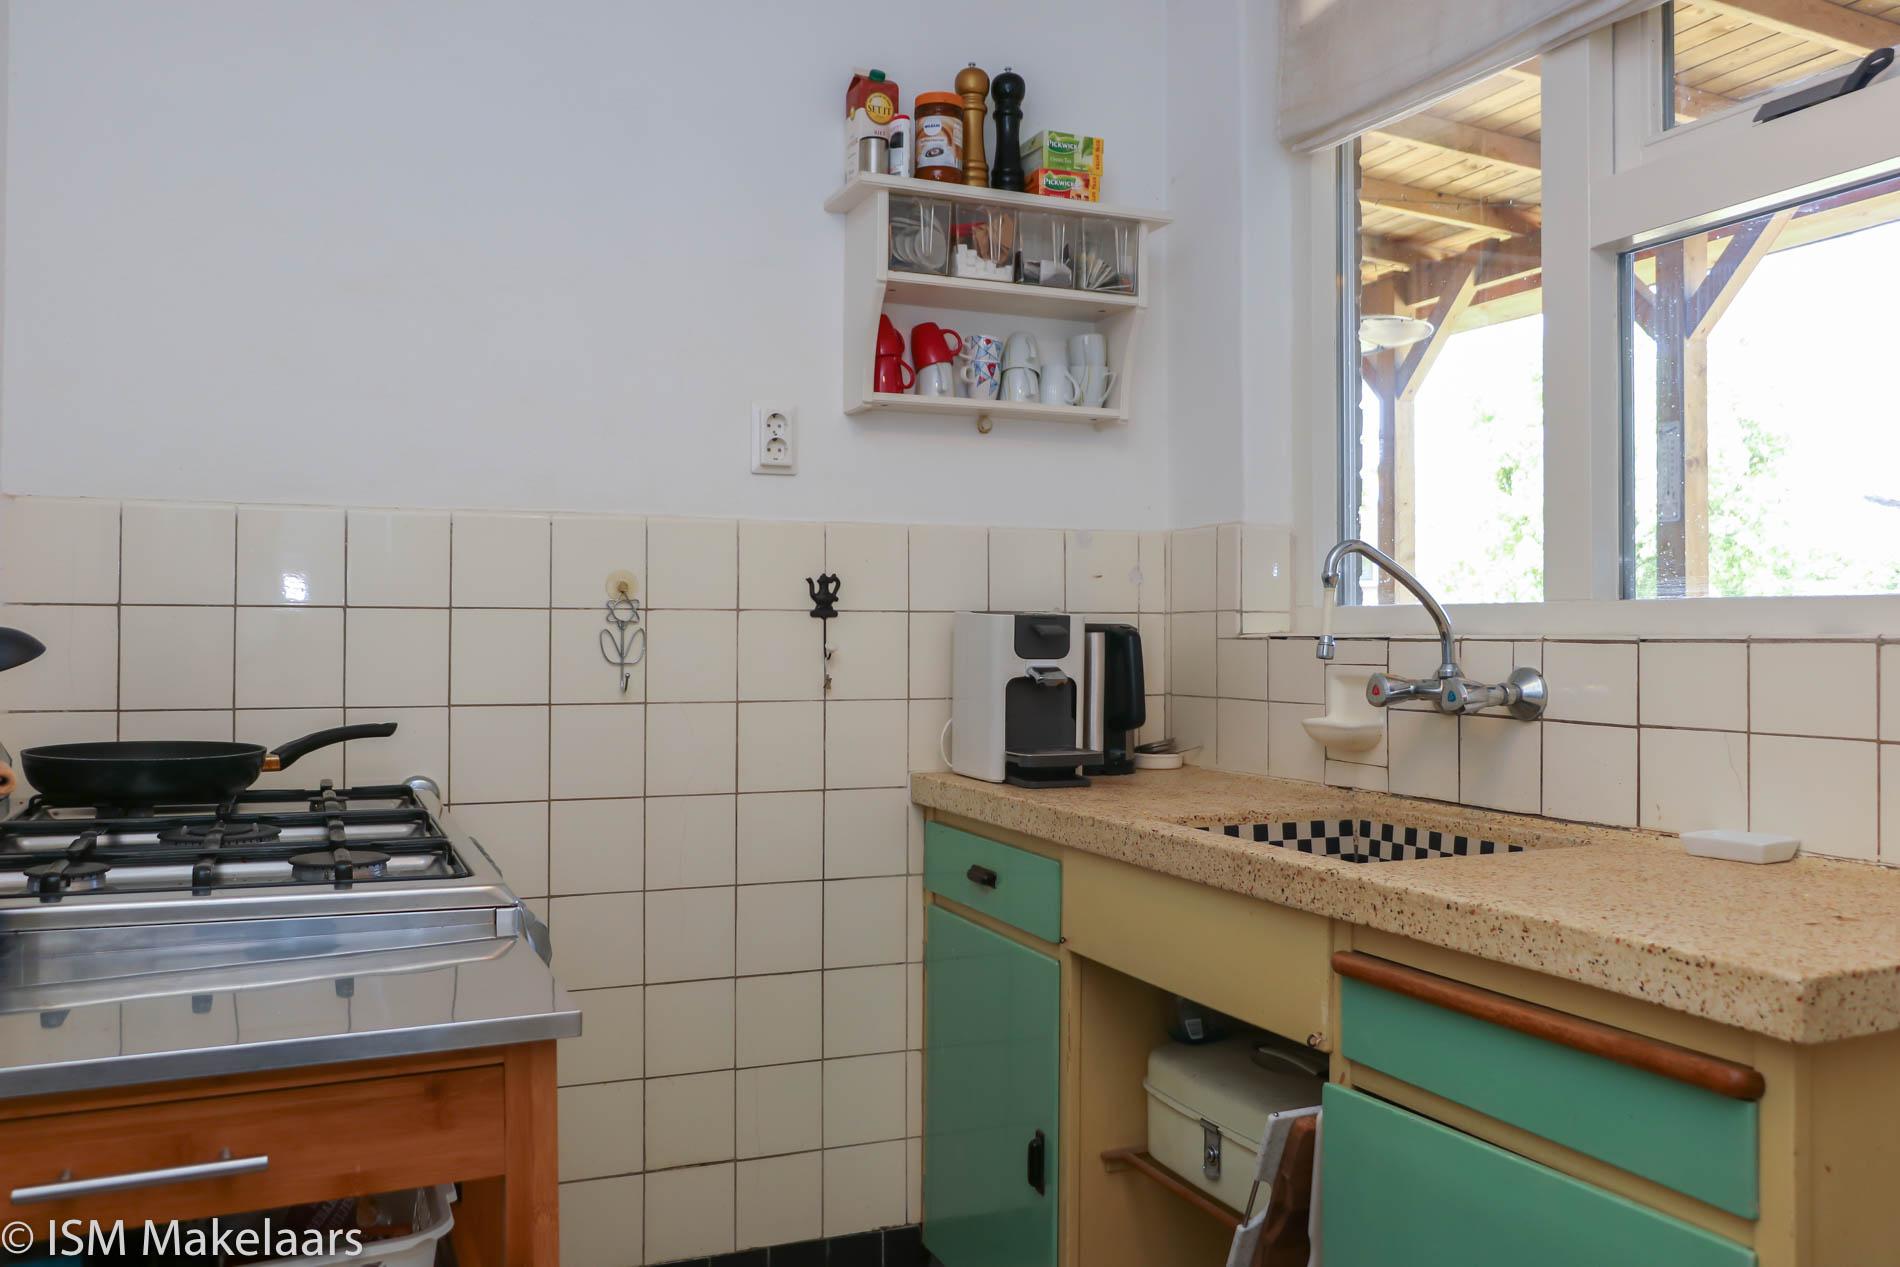 keuken dorpsstraat 10 wemeldinge ism makelaars